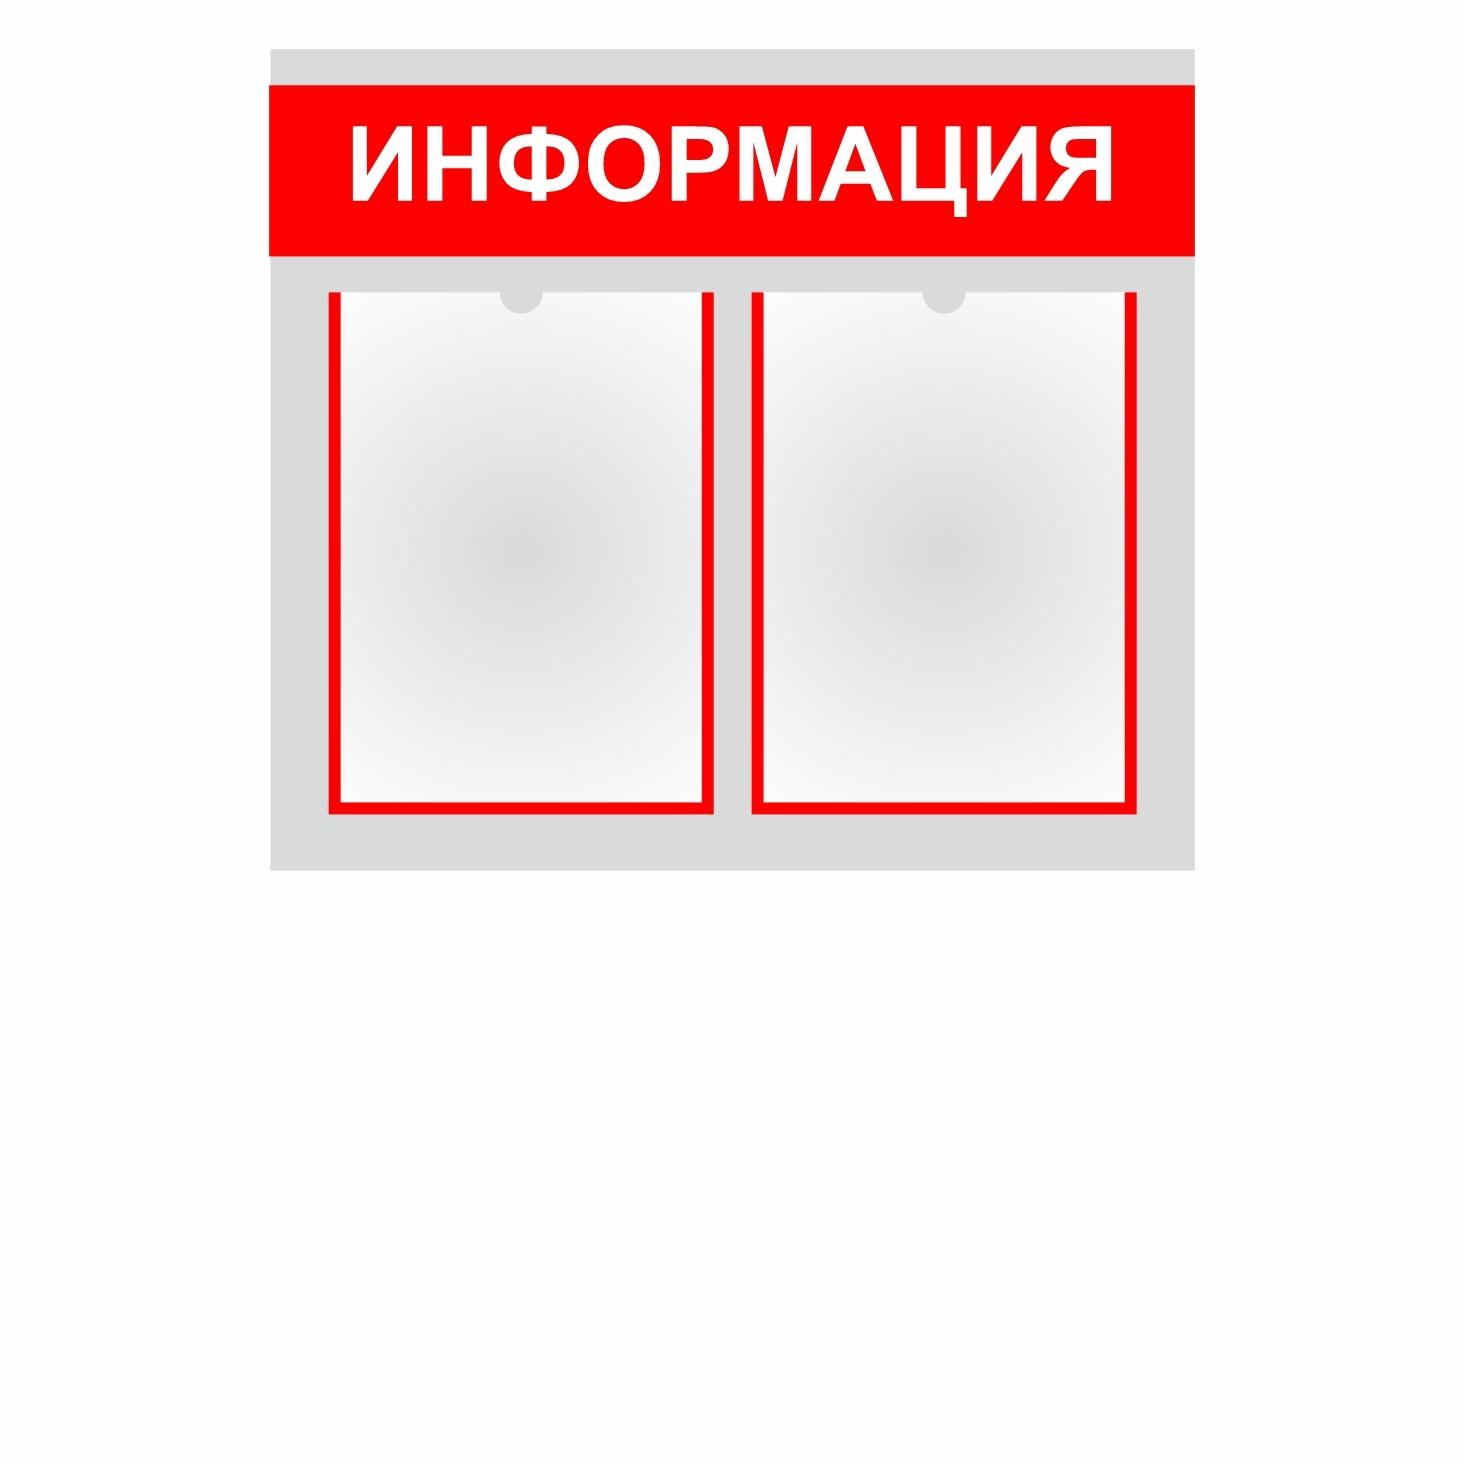 Информационный стенд 540х480мм из ПВХ 3мм на 2 плоских кармана